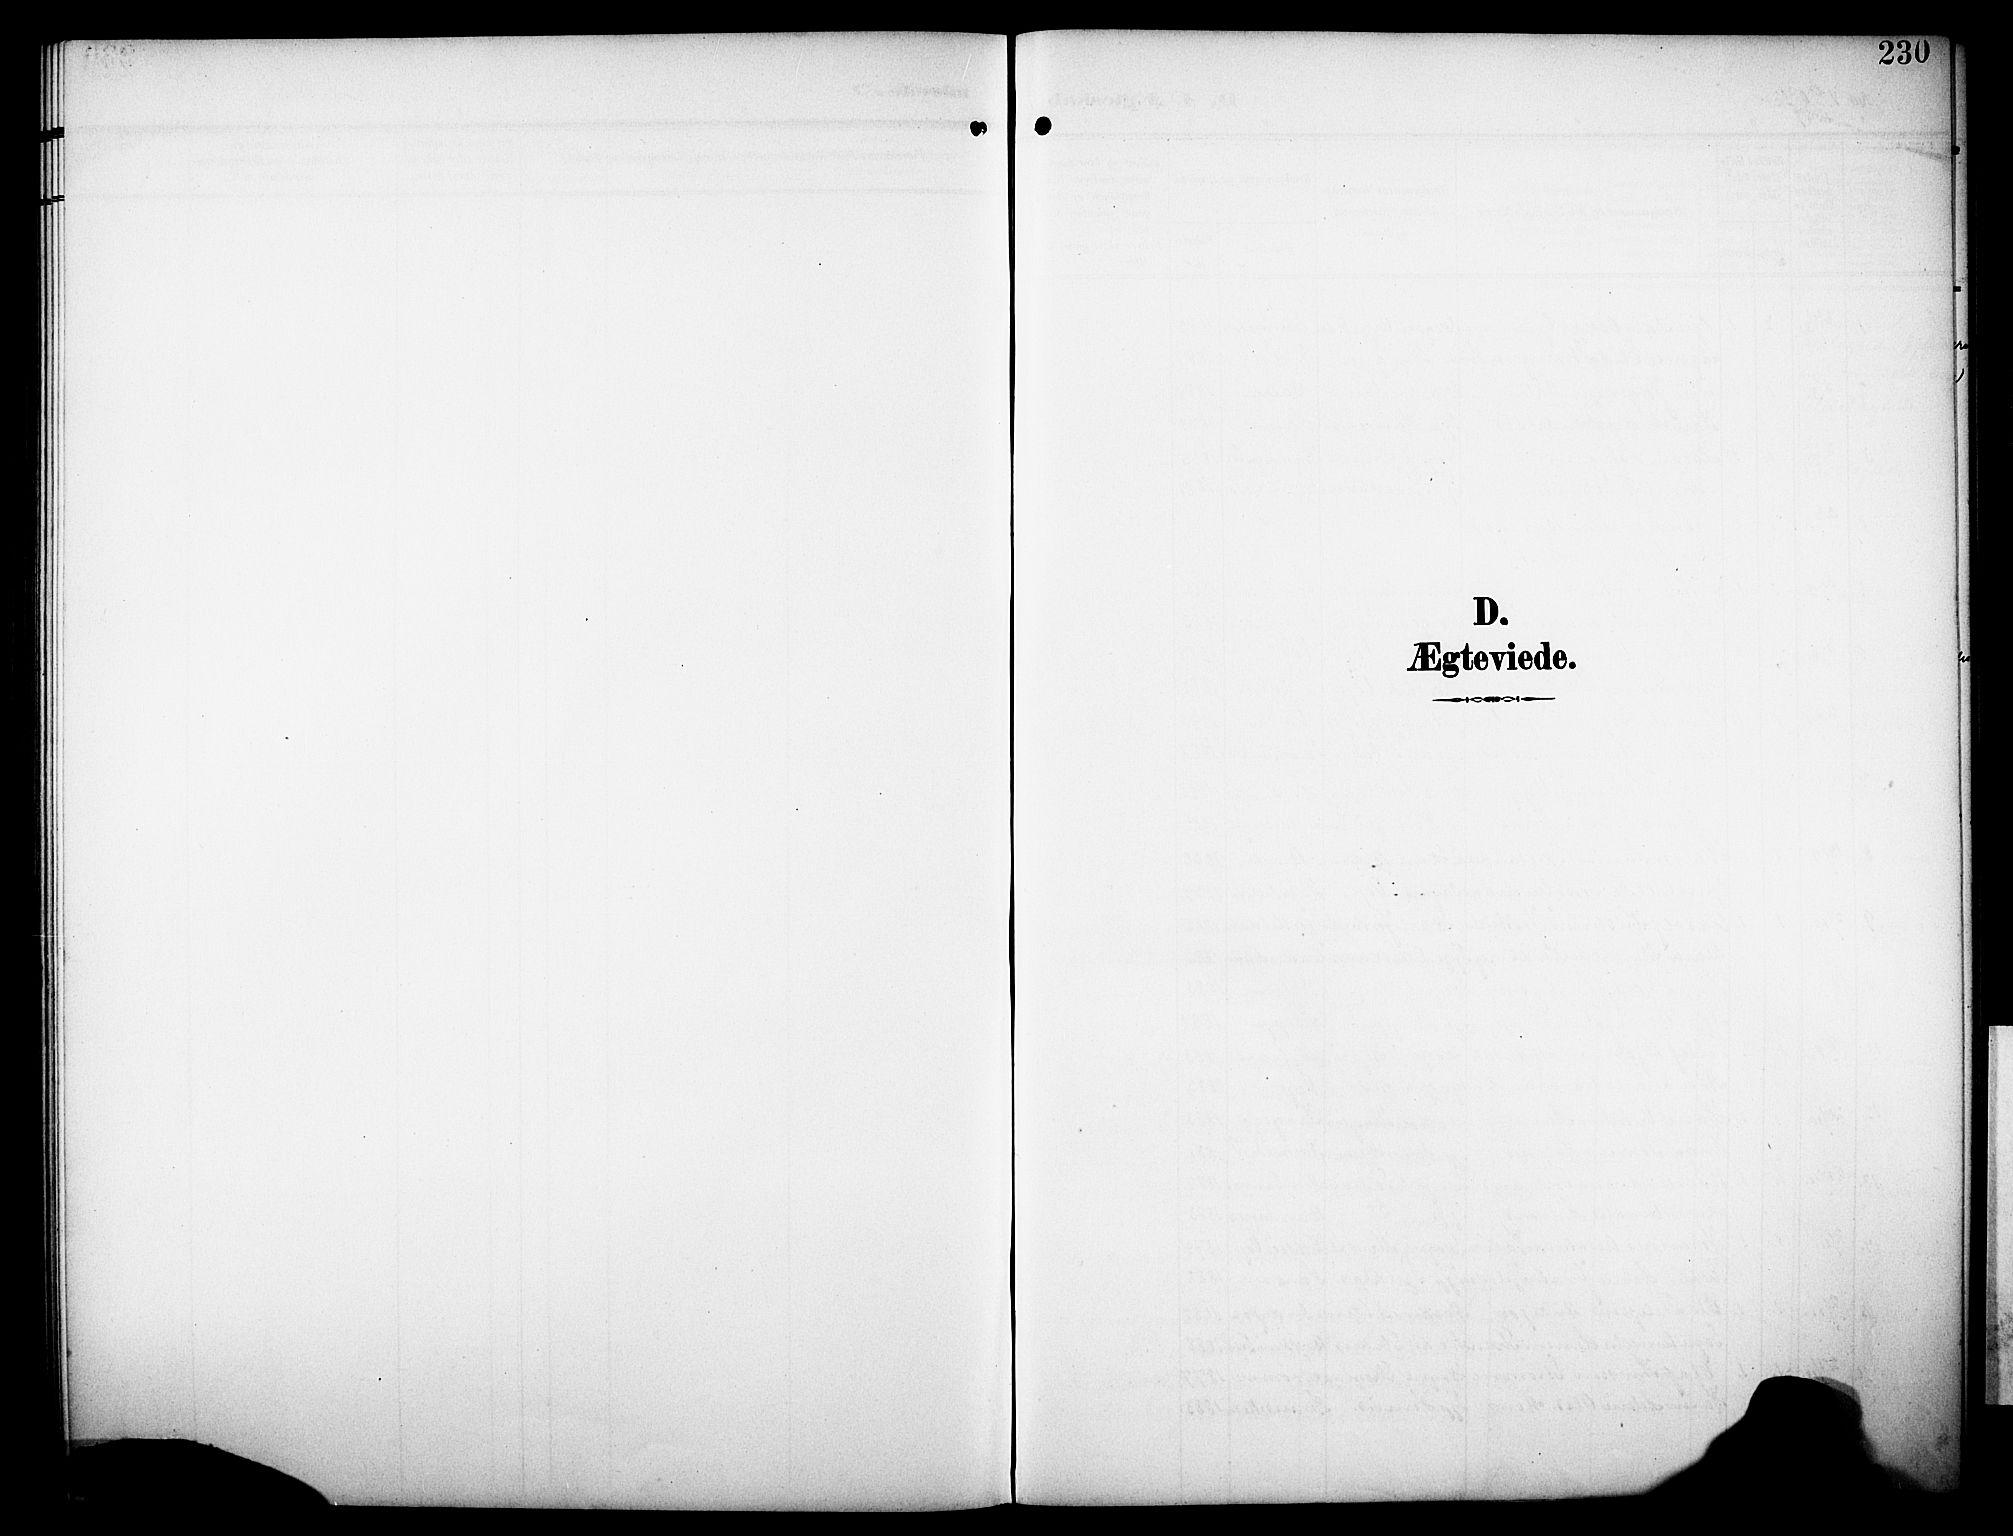 SAKO, Drangedal kirkebøker, G/Ga/L0004: Klokkerbok nr. I 4, 1901-1933, s. 230